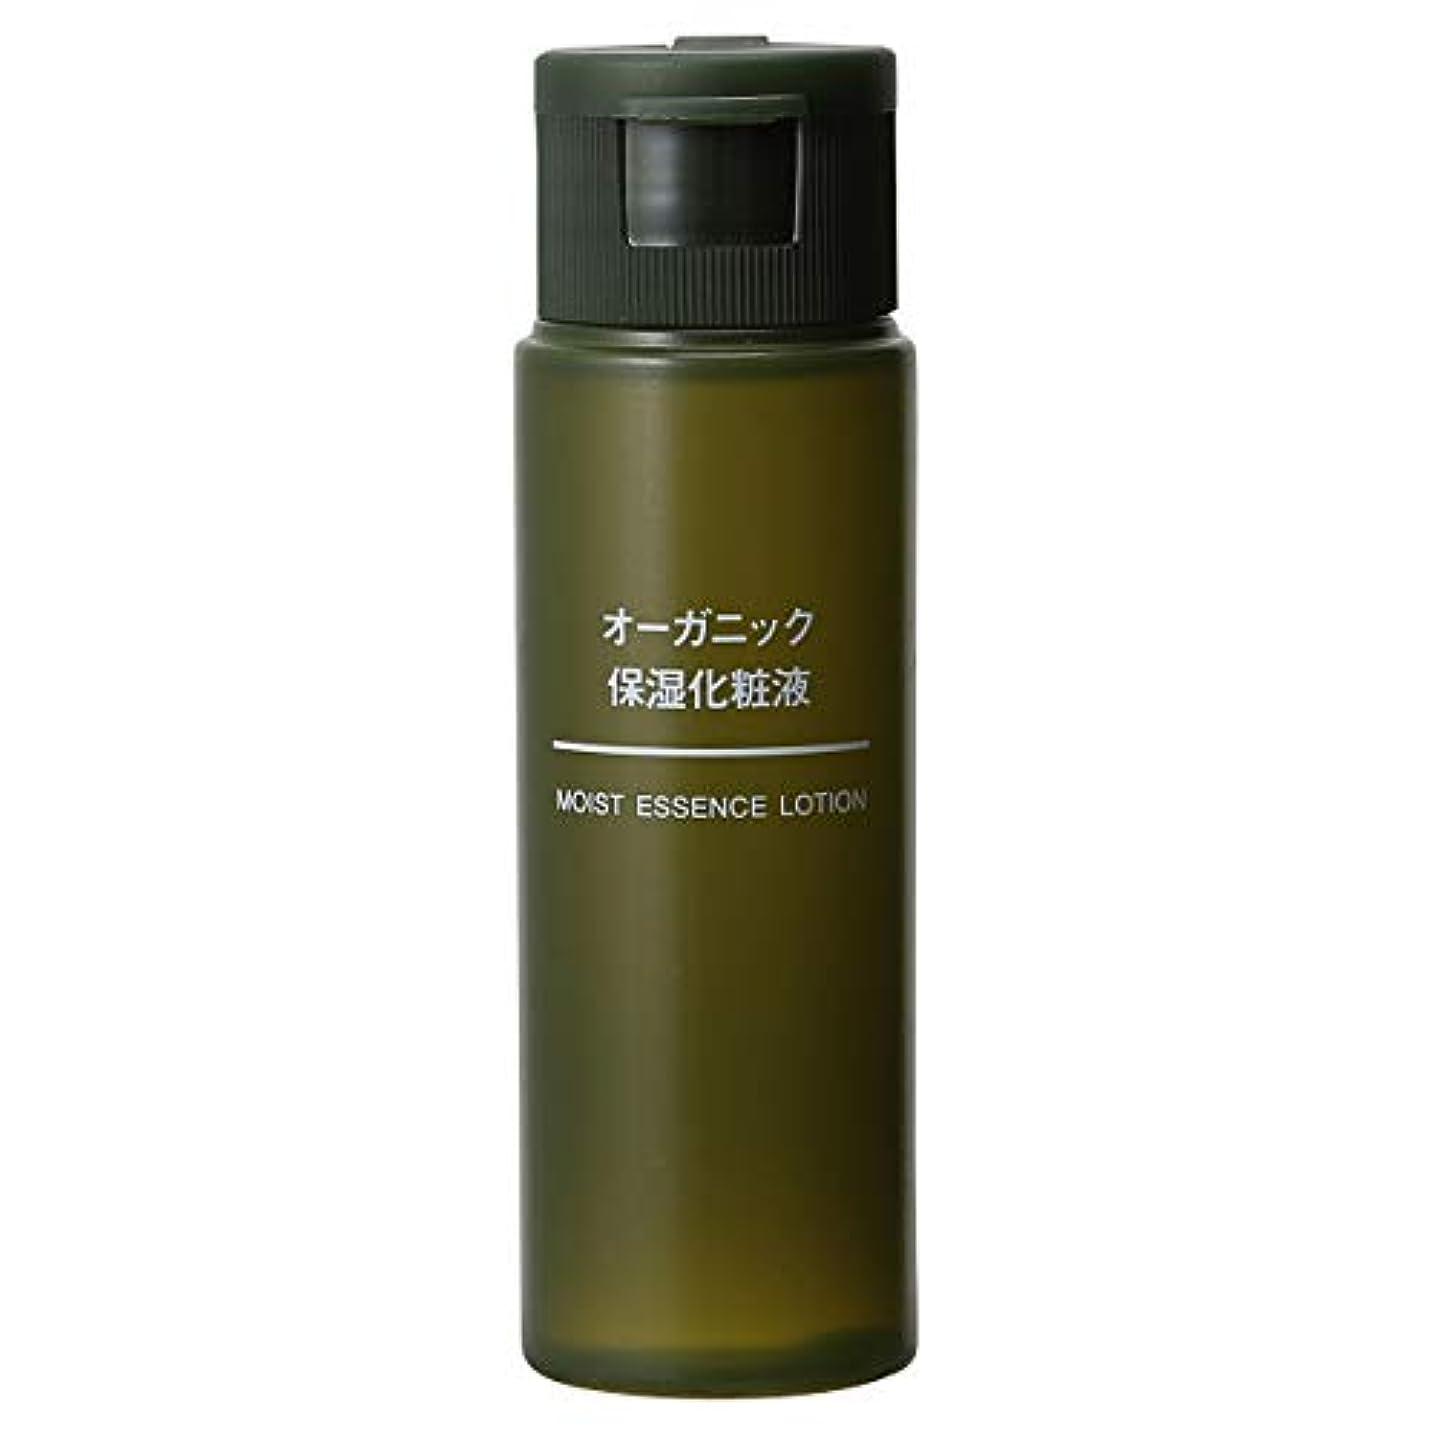 重要安心させる解き明かす無印良品 オーガニック保湿化粧液(携帯用) 50ml